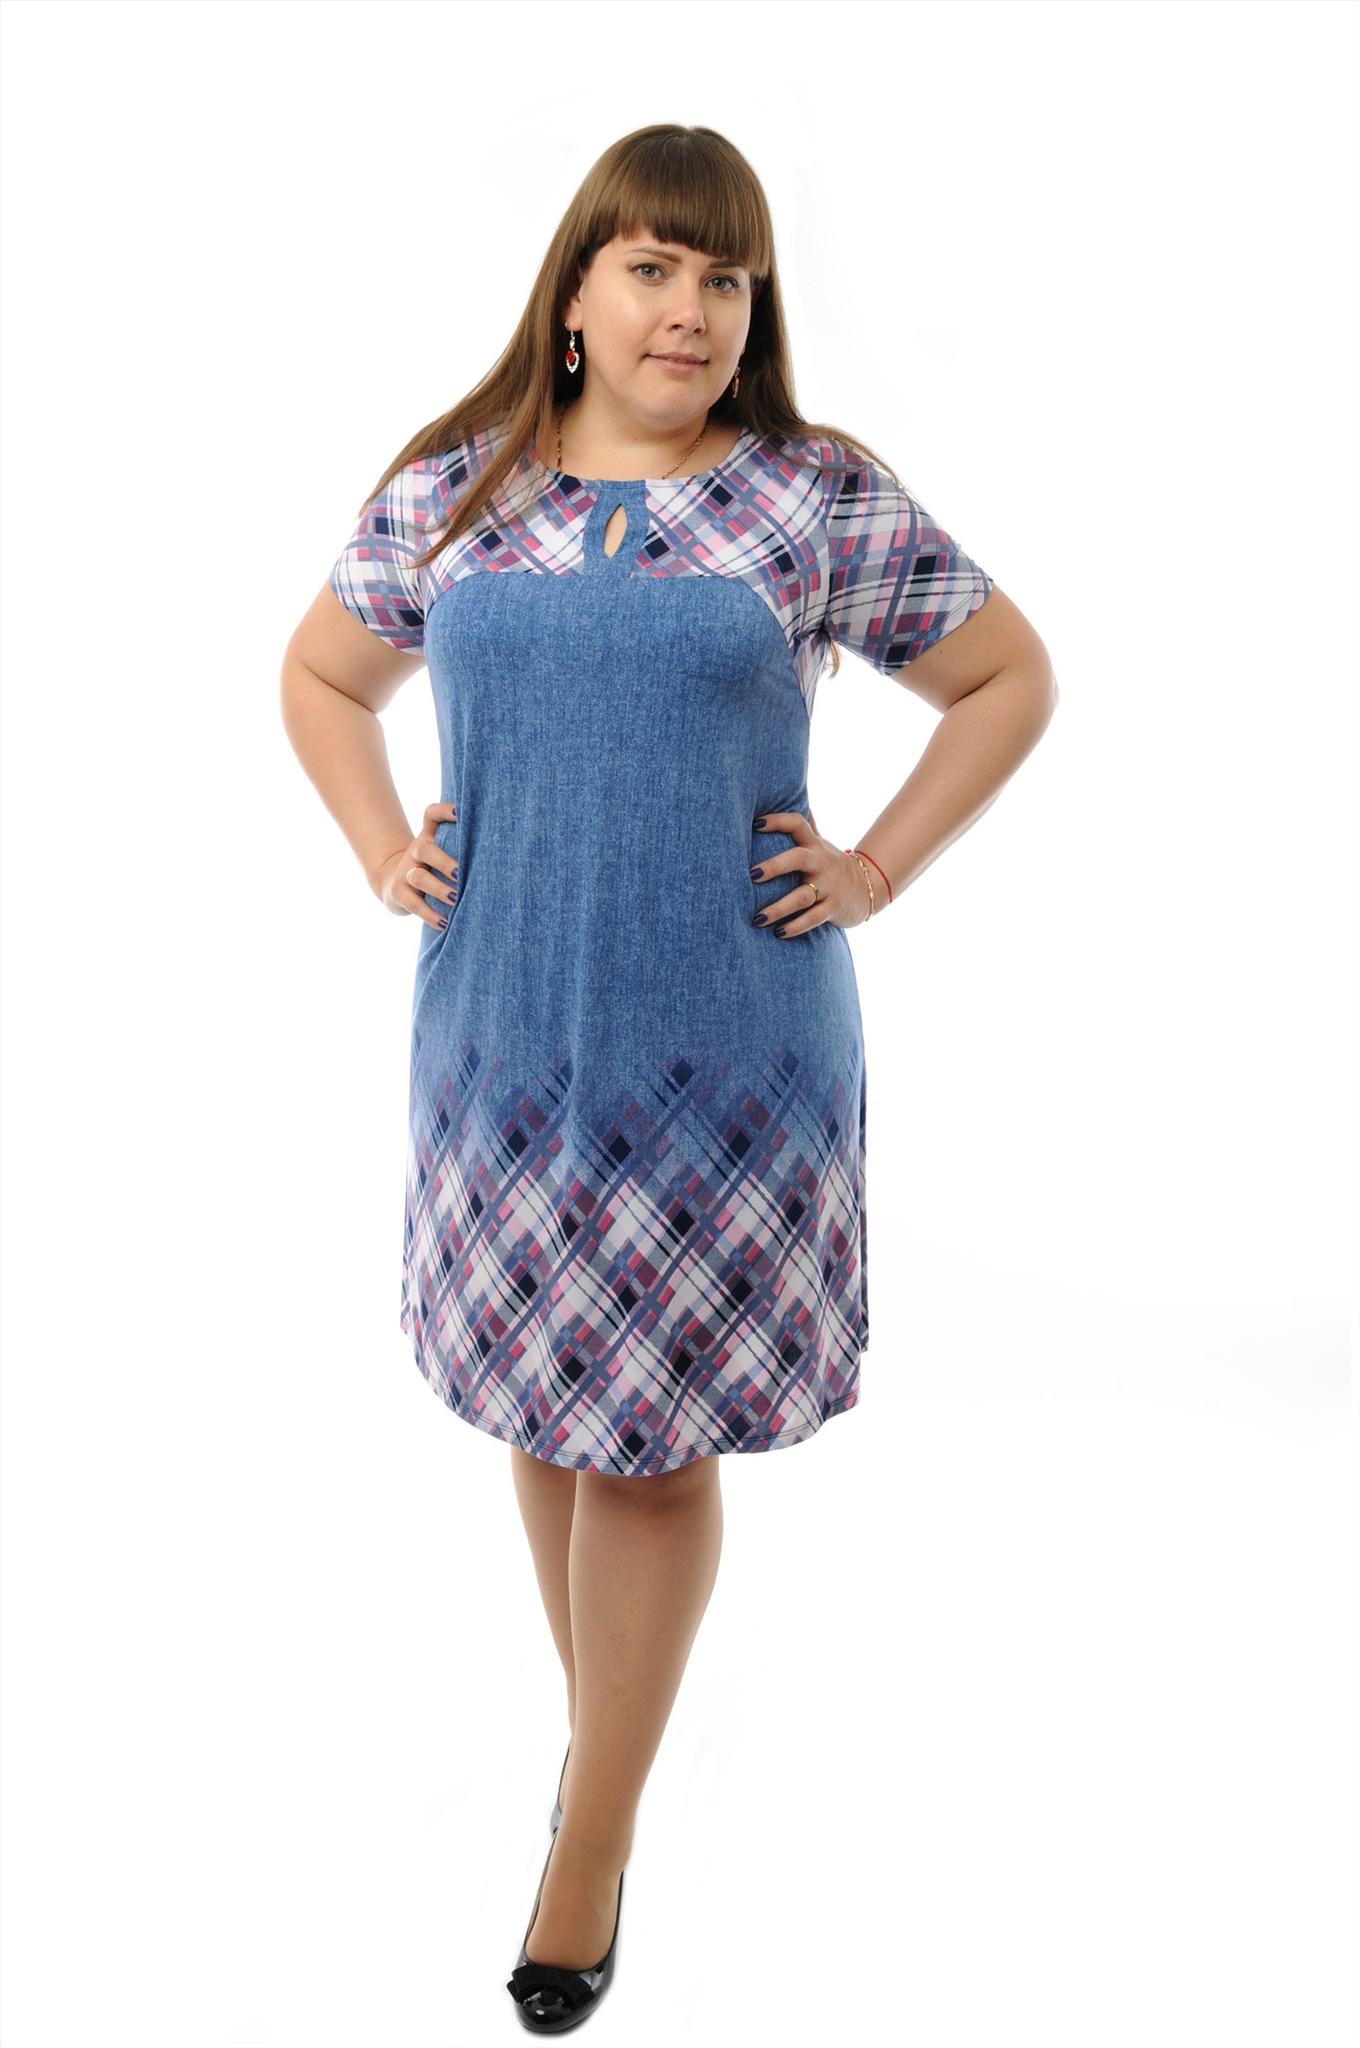 654ed590838 Новое изображение Женская одежда оптом от производителя 35457976 в  Волгограде ...